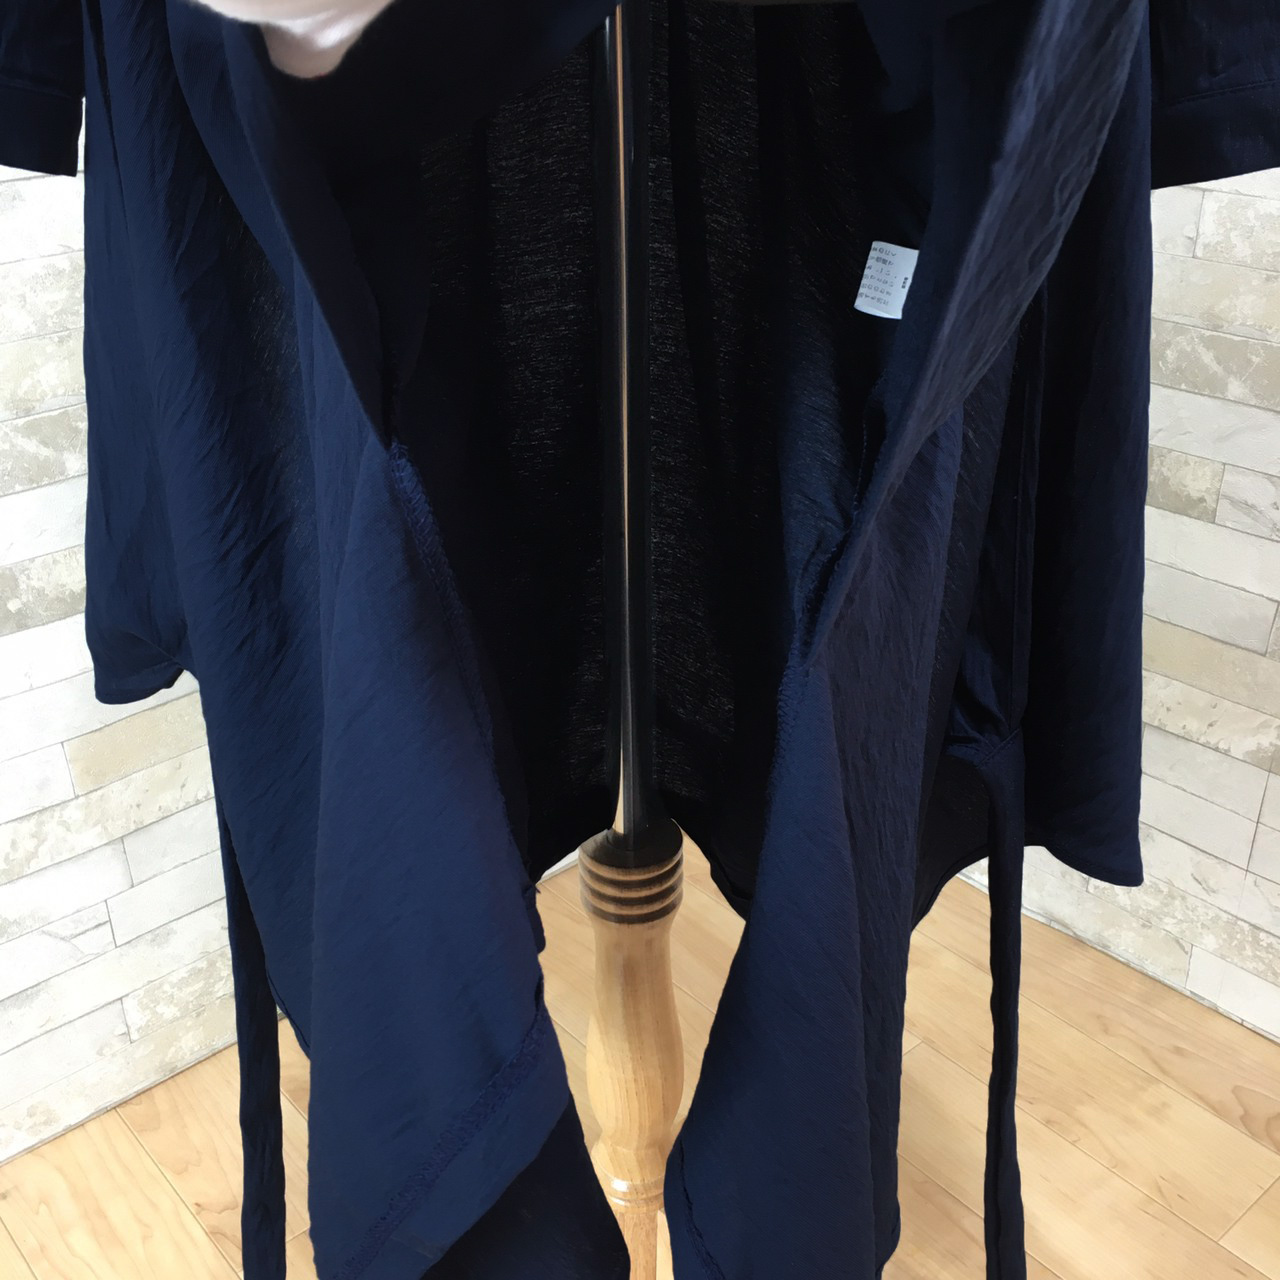 韓国 ファッション ワンピース 春 秋 冬 カジュアル PTXH836  カシュクール 襟付き ウエストマーク オフィス オルチャン シンプル 定番 セレカジの写真17枚目